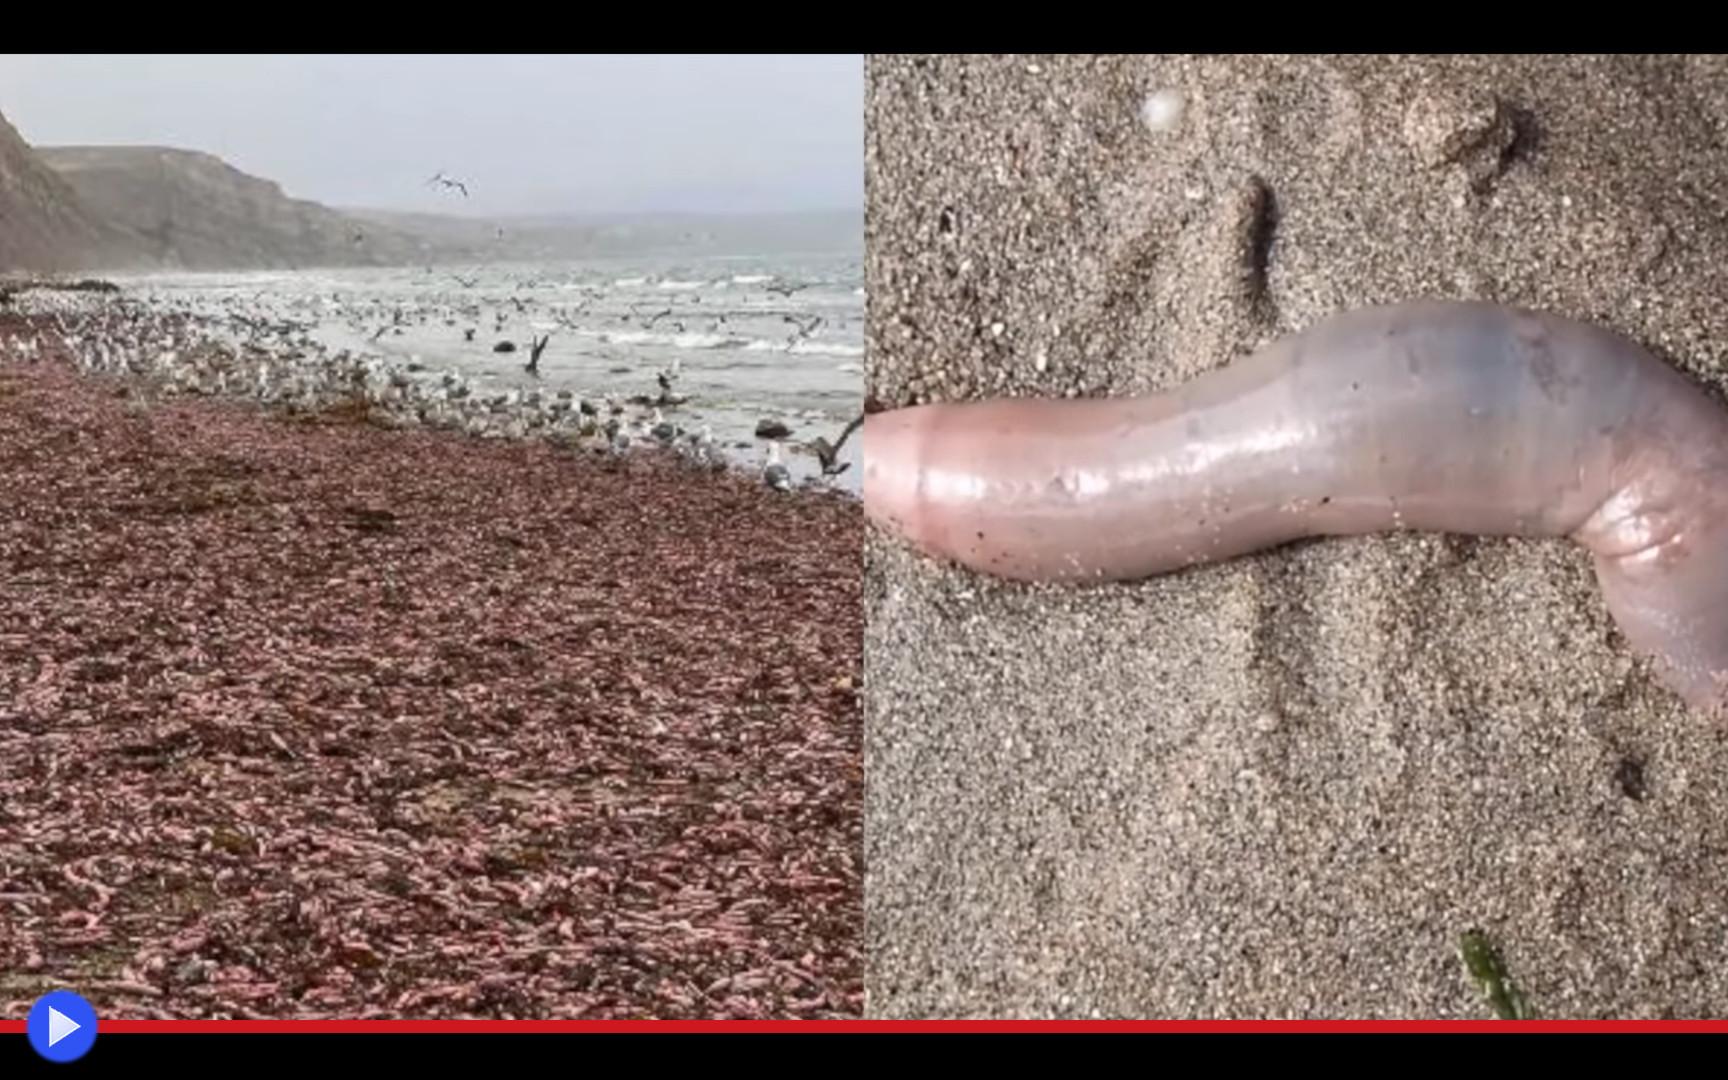 proboscide pene